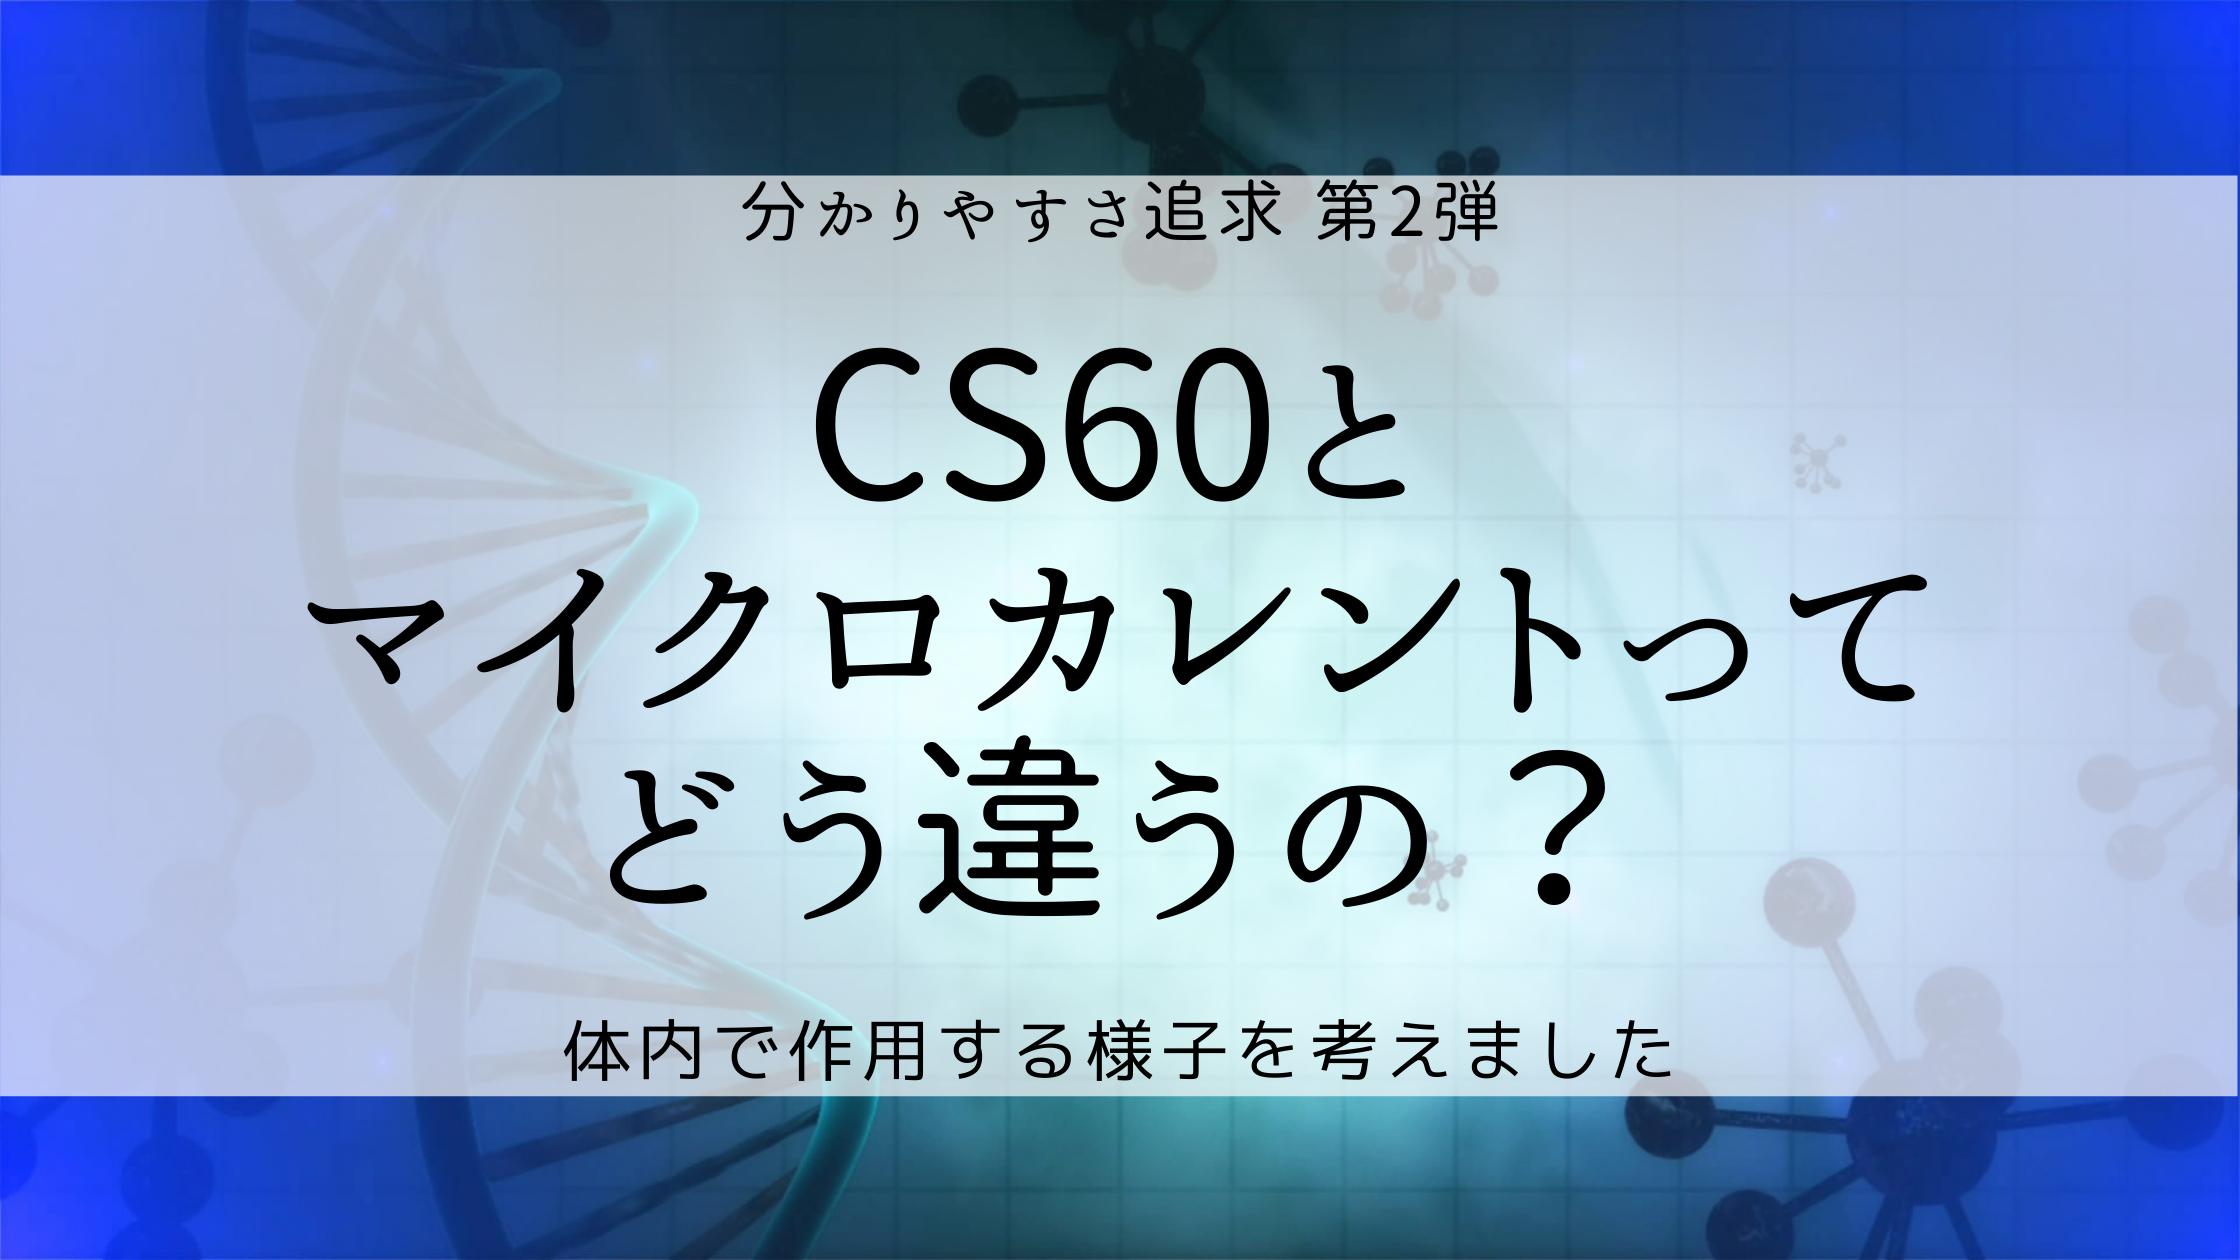 CS60とマイクロカレントってどう違うの?体内で作用する様子を考えました